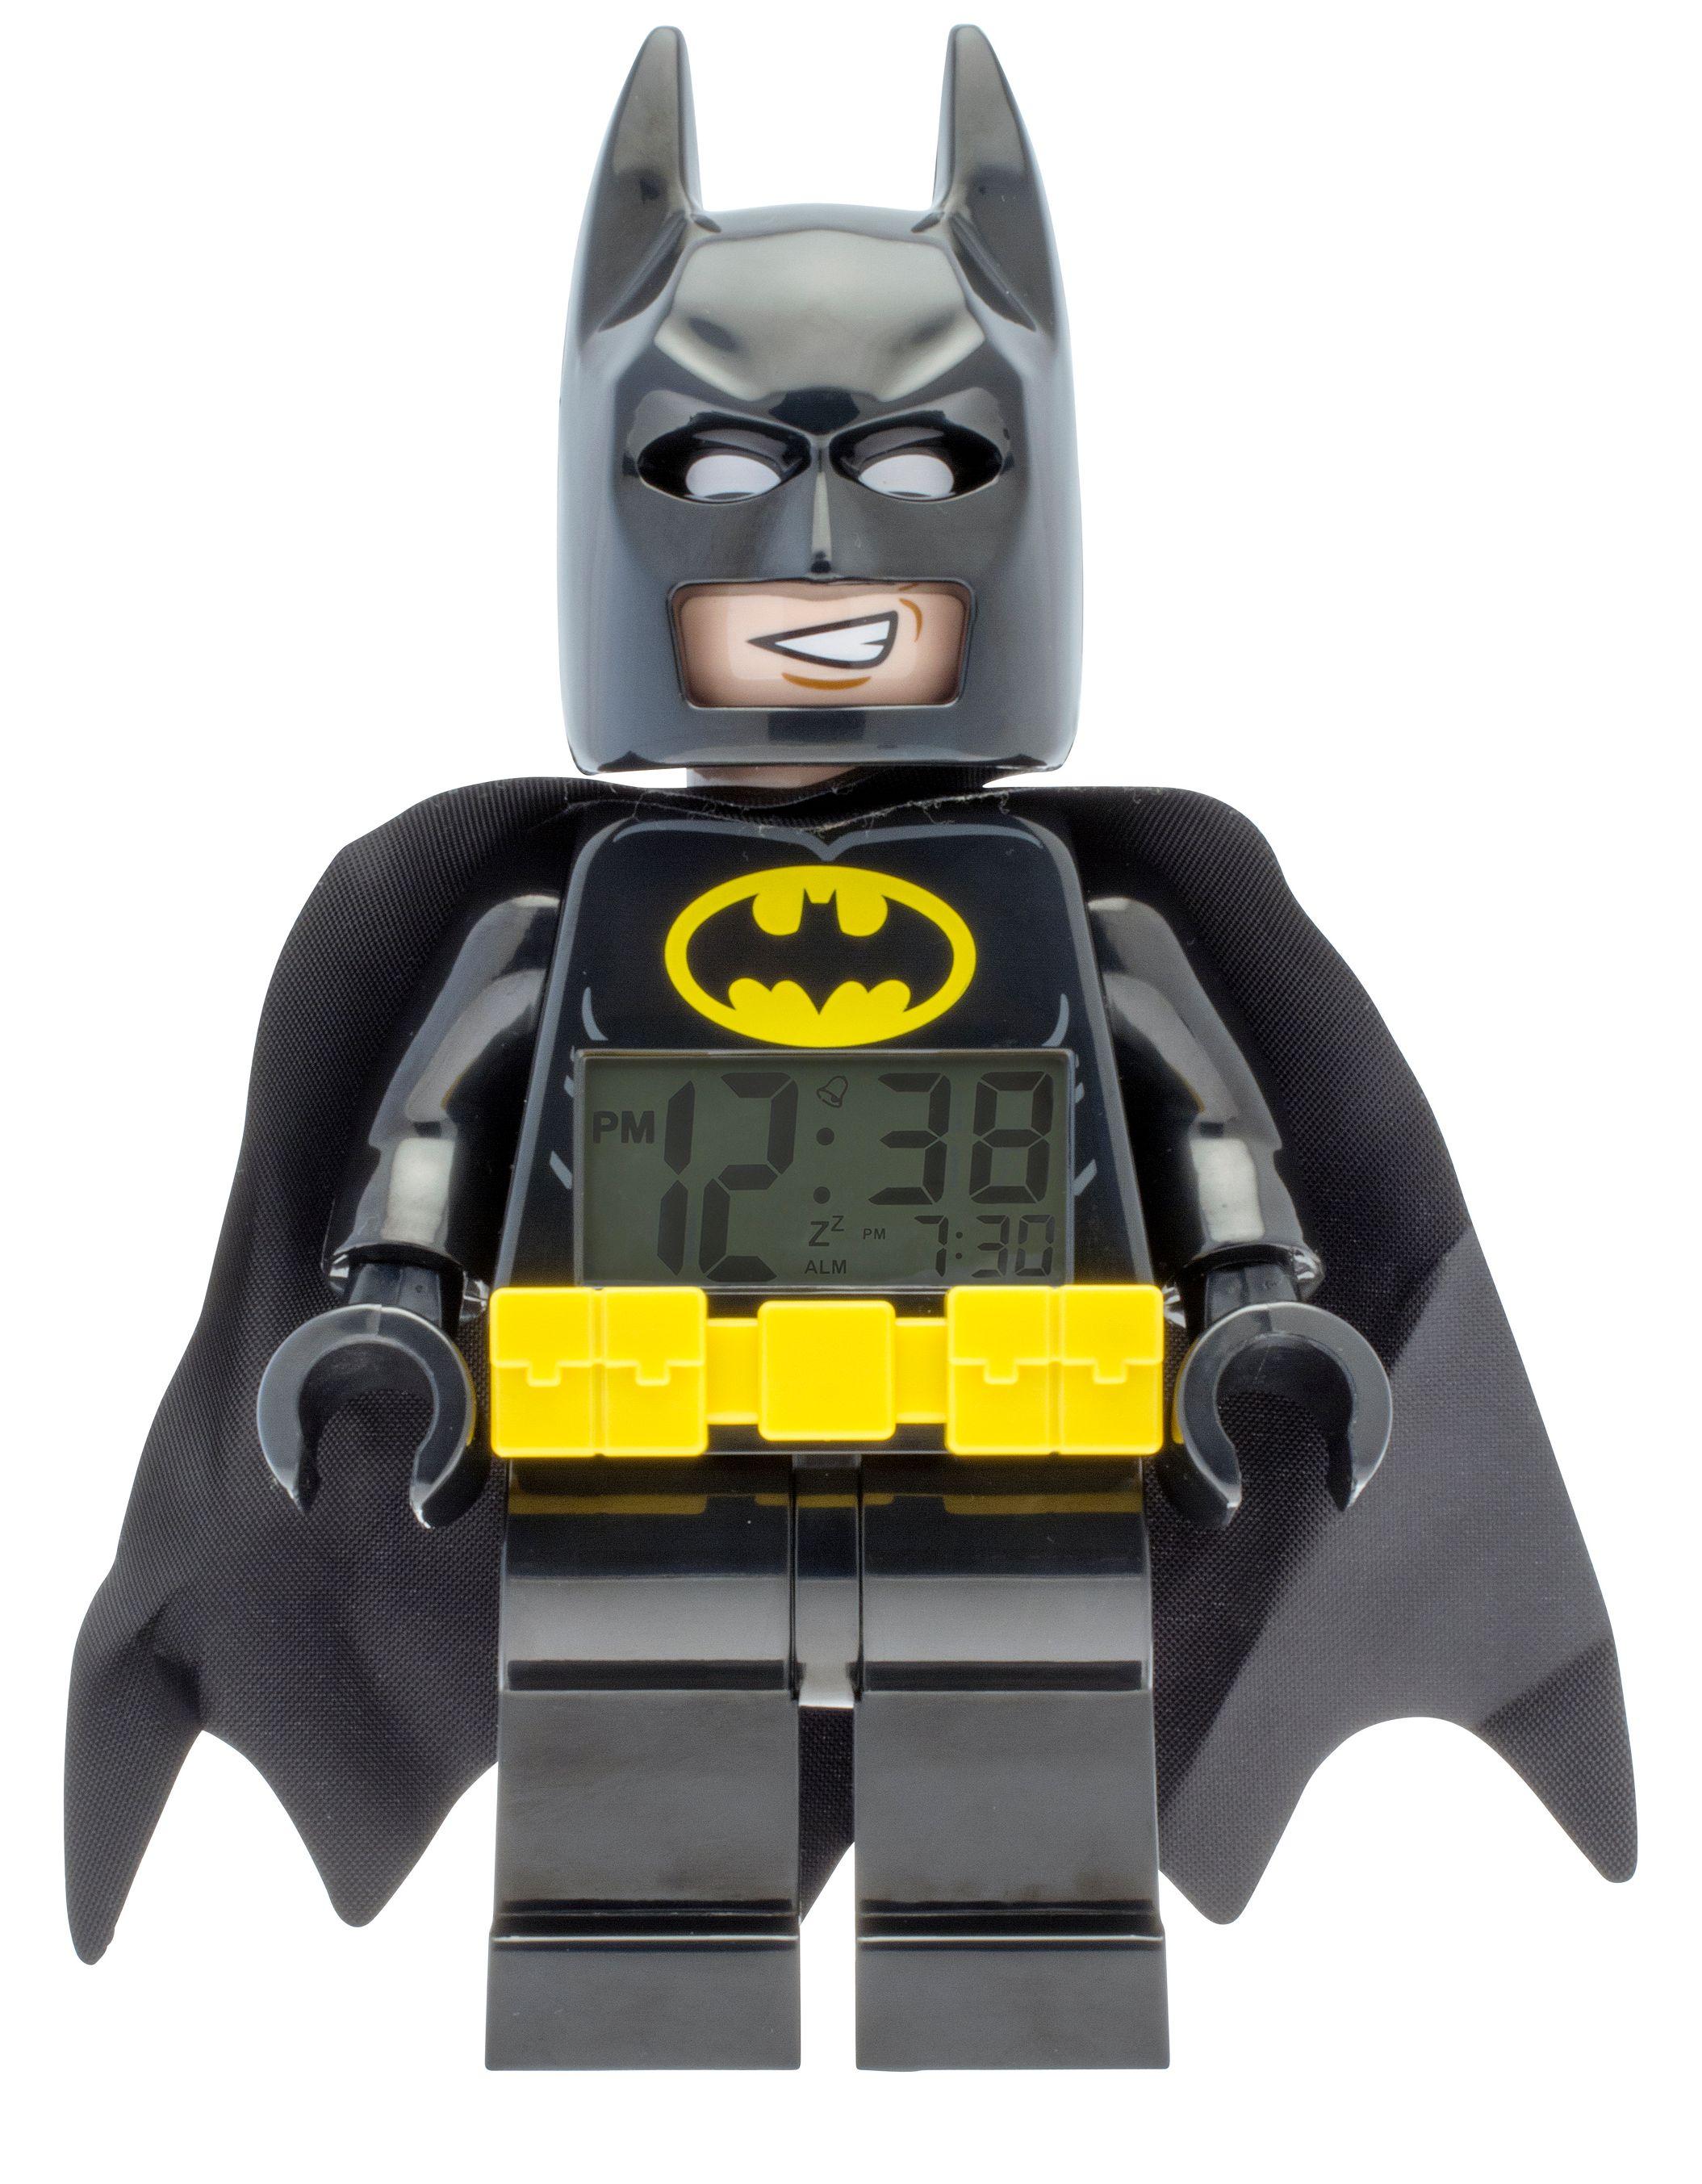 The Lego Batman Movie Batman Minifiguren Wecker 5005335 The Lego Batman Movie Offiziellen Lego Shop De